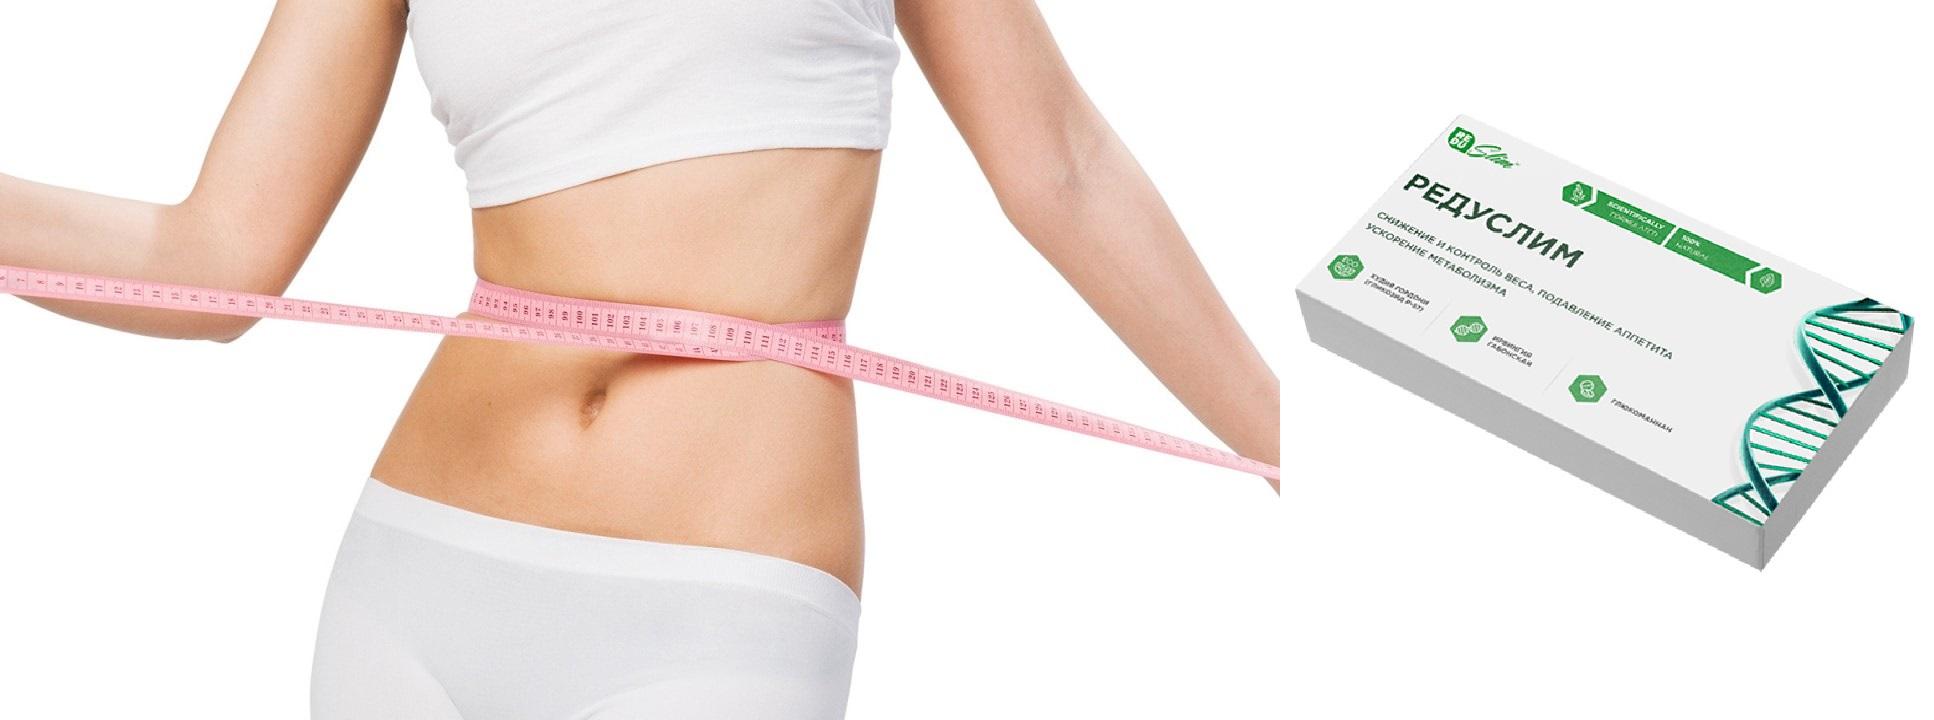 редуслим таблетки для похудения отзывы реальные противопоказания